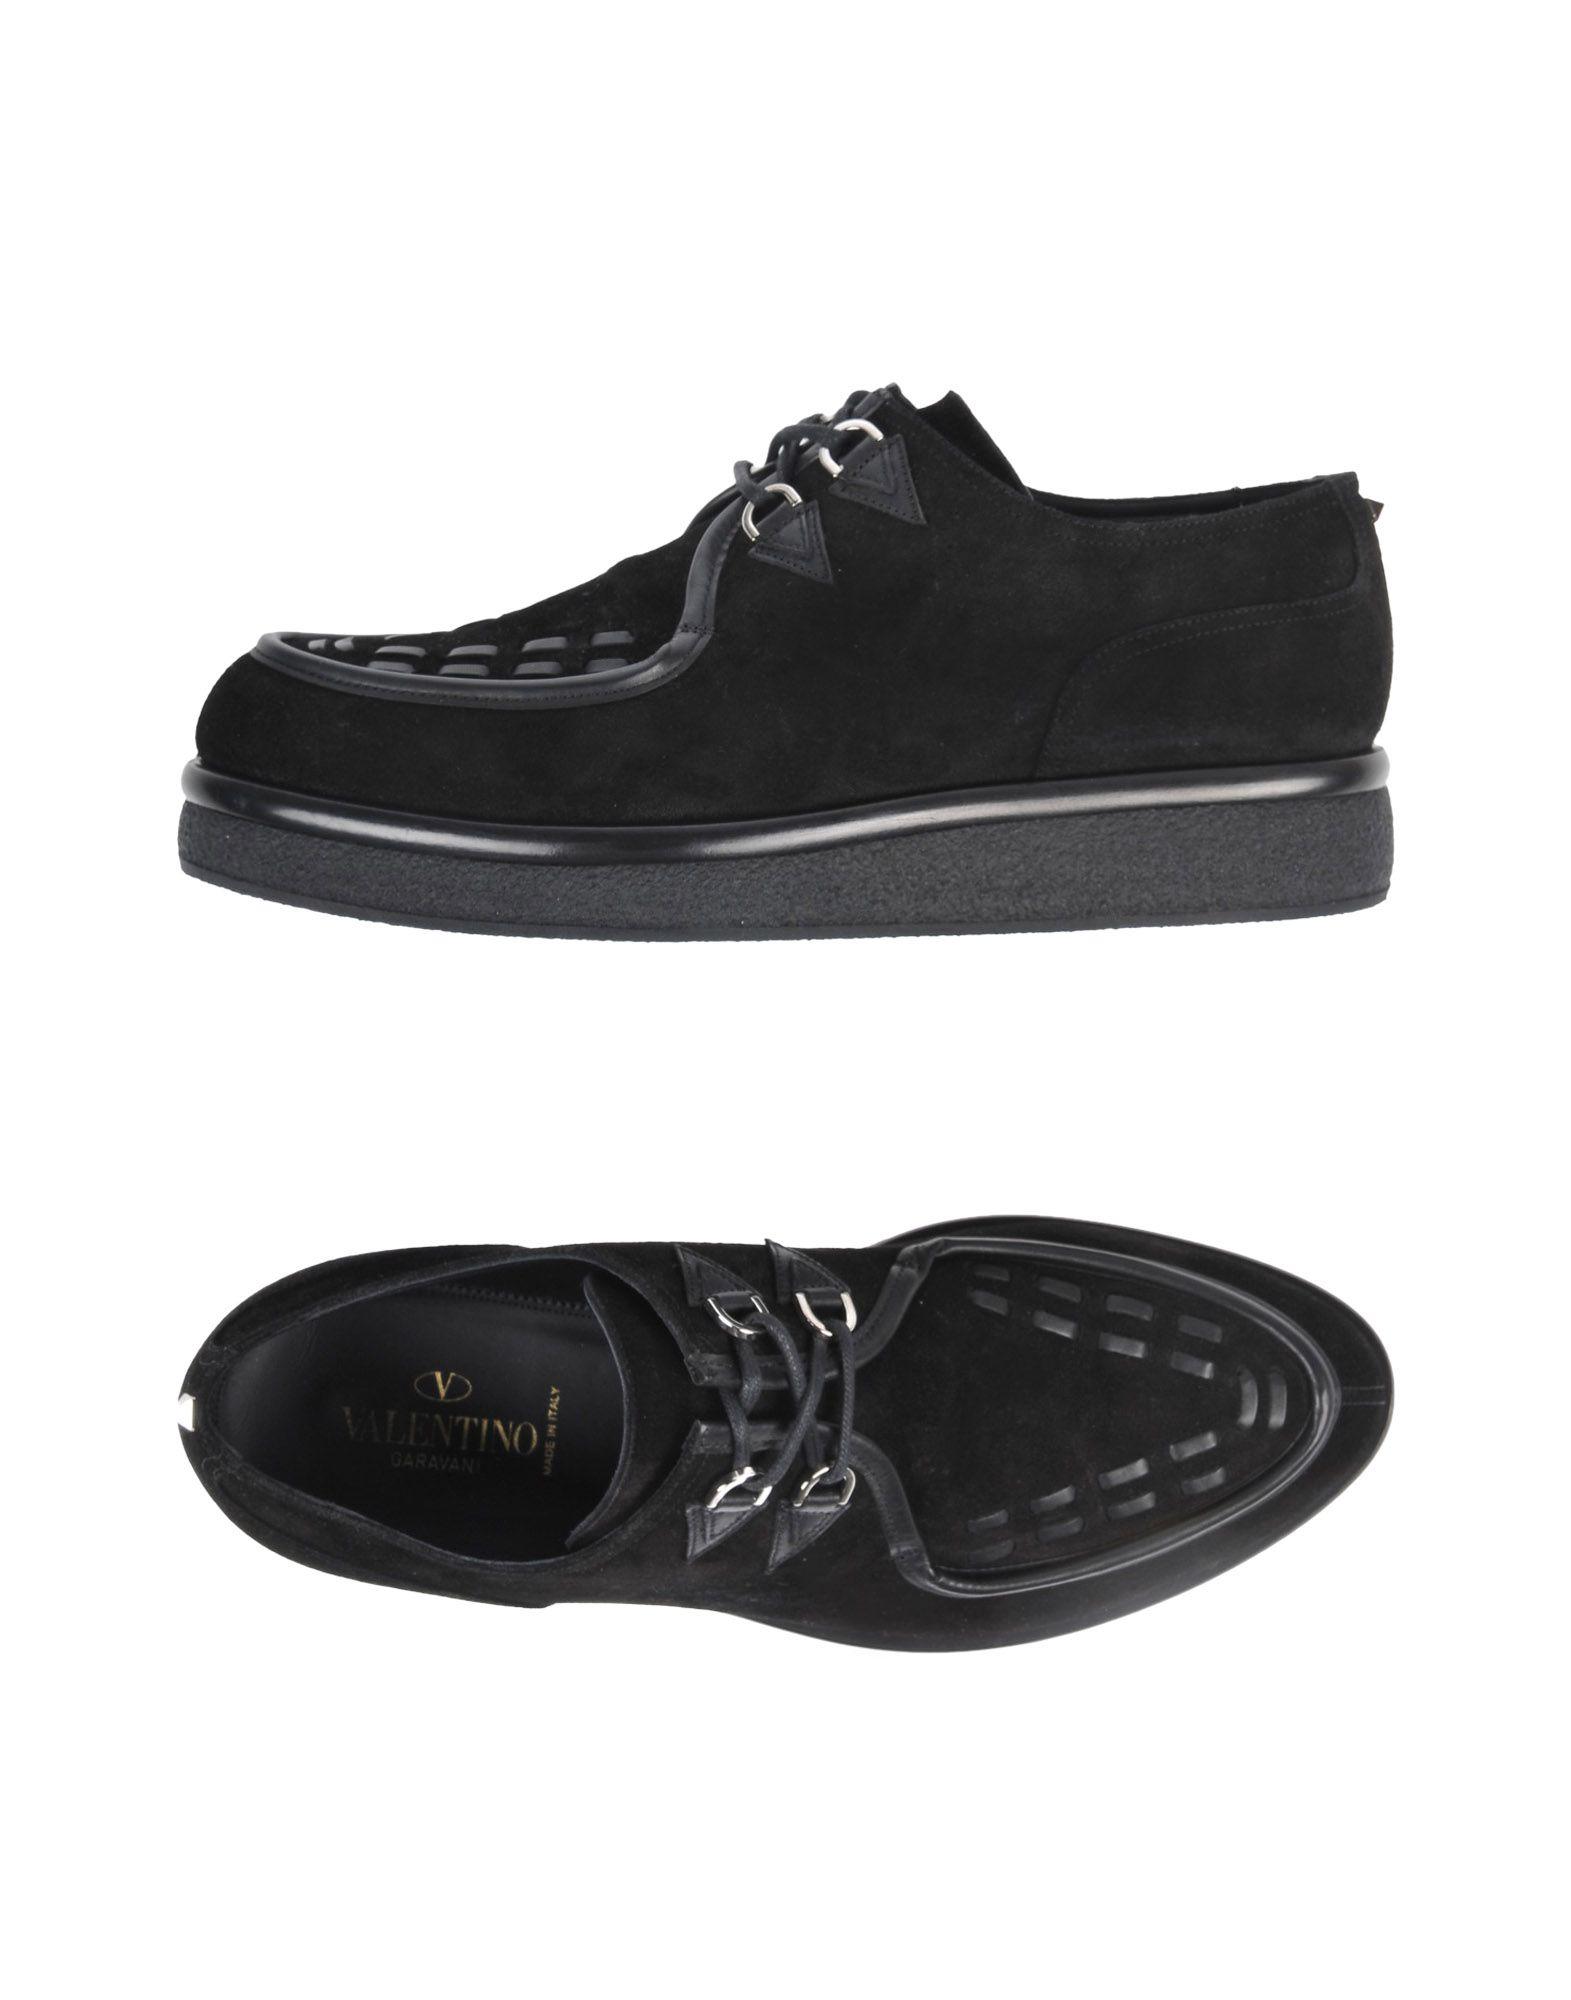 Valentino Garavani Gute Schnürschuhe Herren  11485432TJ Gute Garavani Qualität beliebte Schuhe bee0de